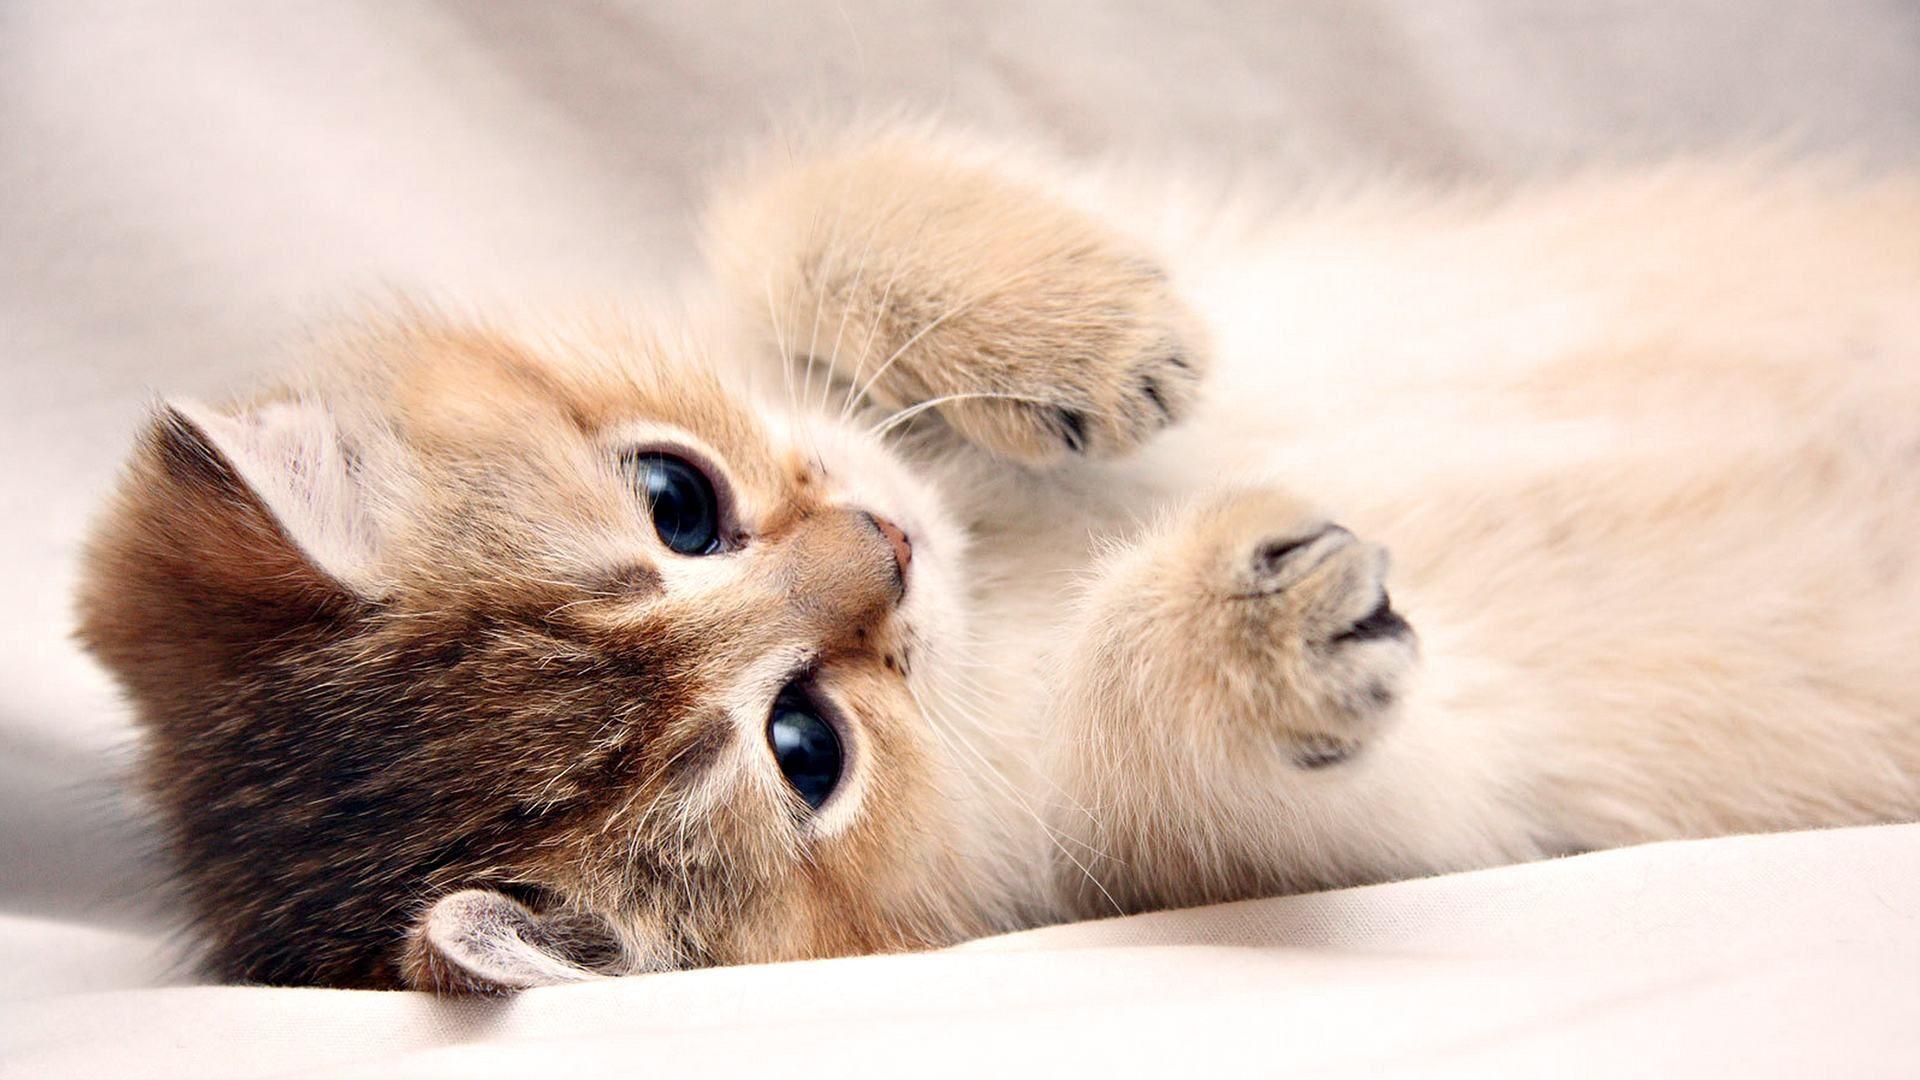 Cute Baby Kitten Desktop Wallpaper